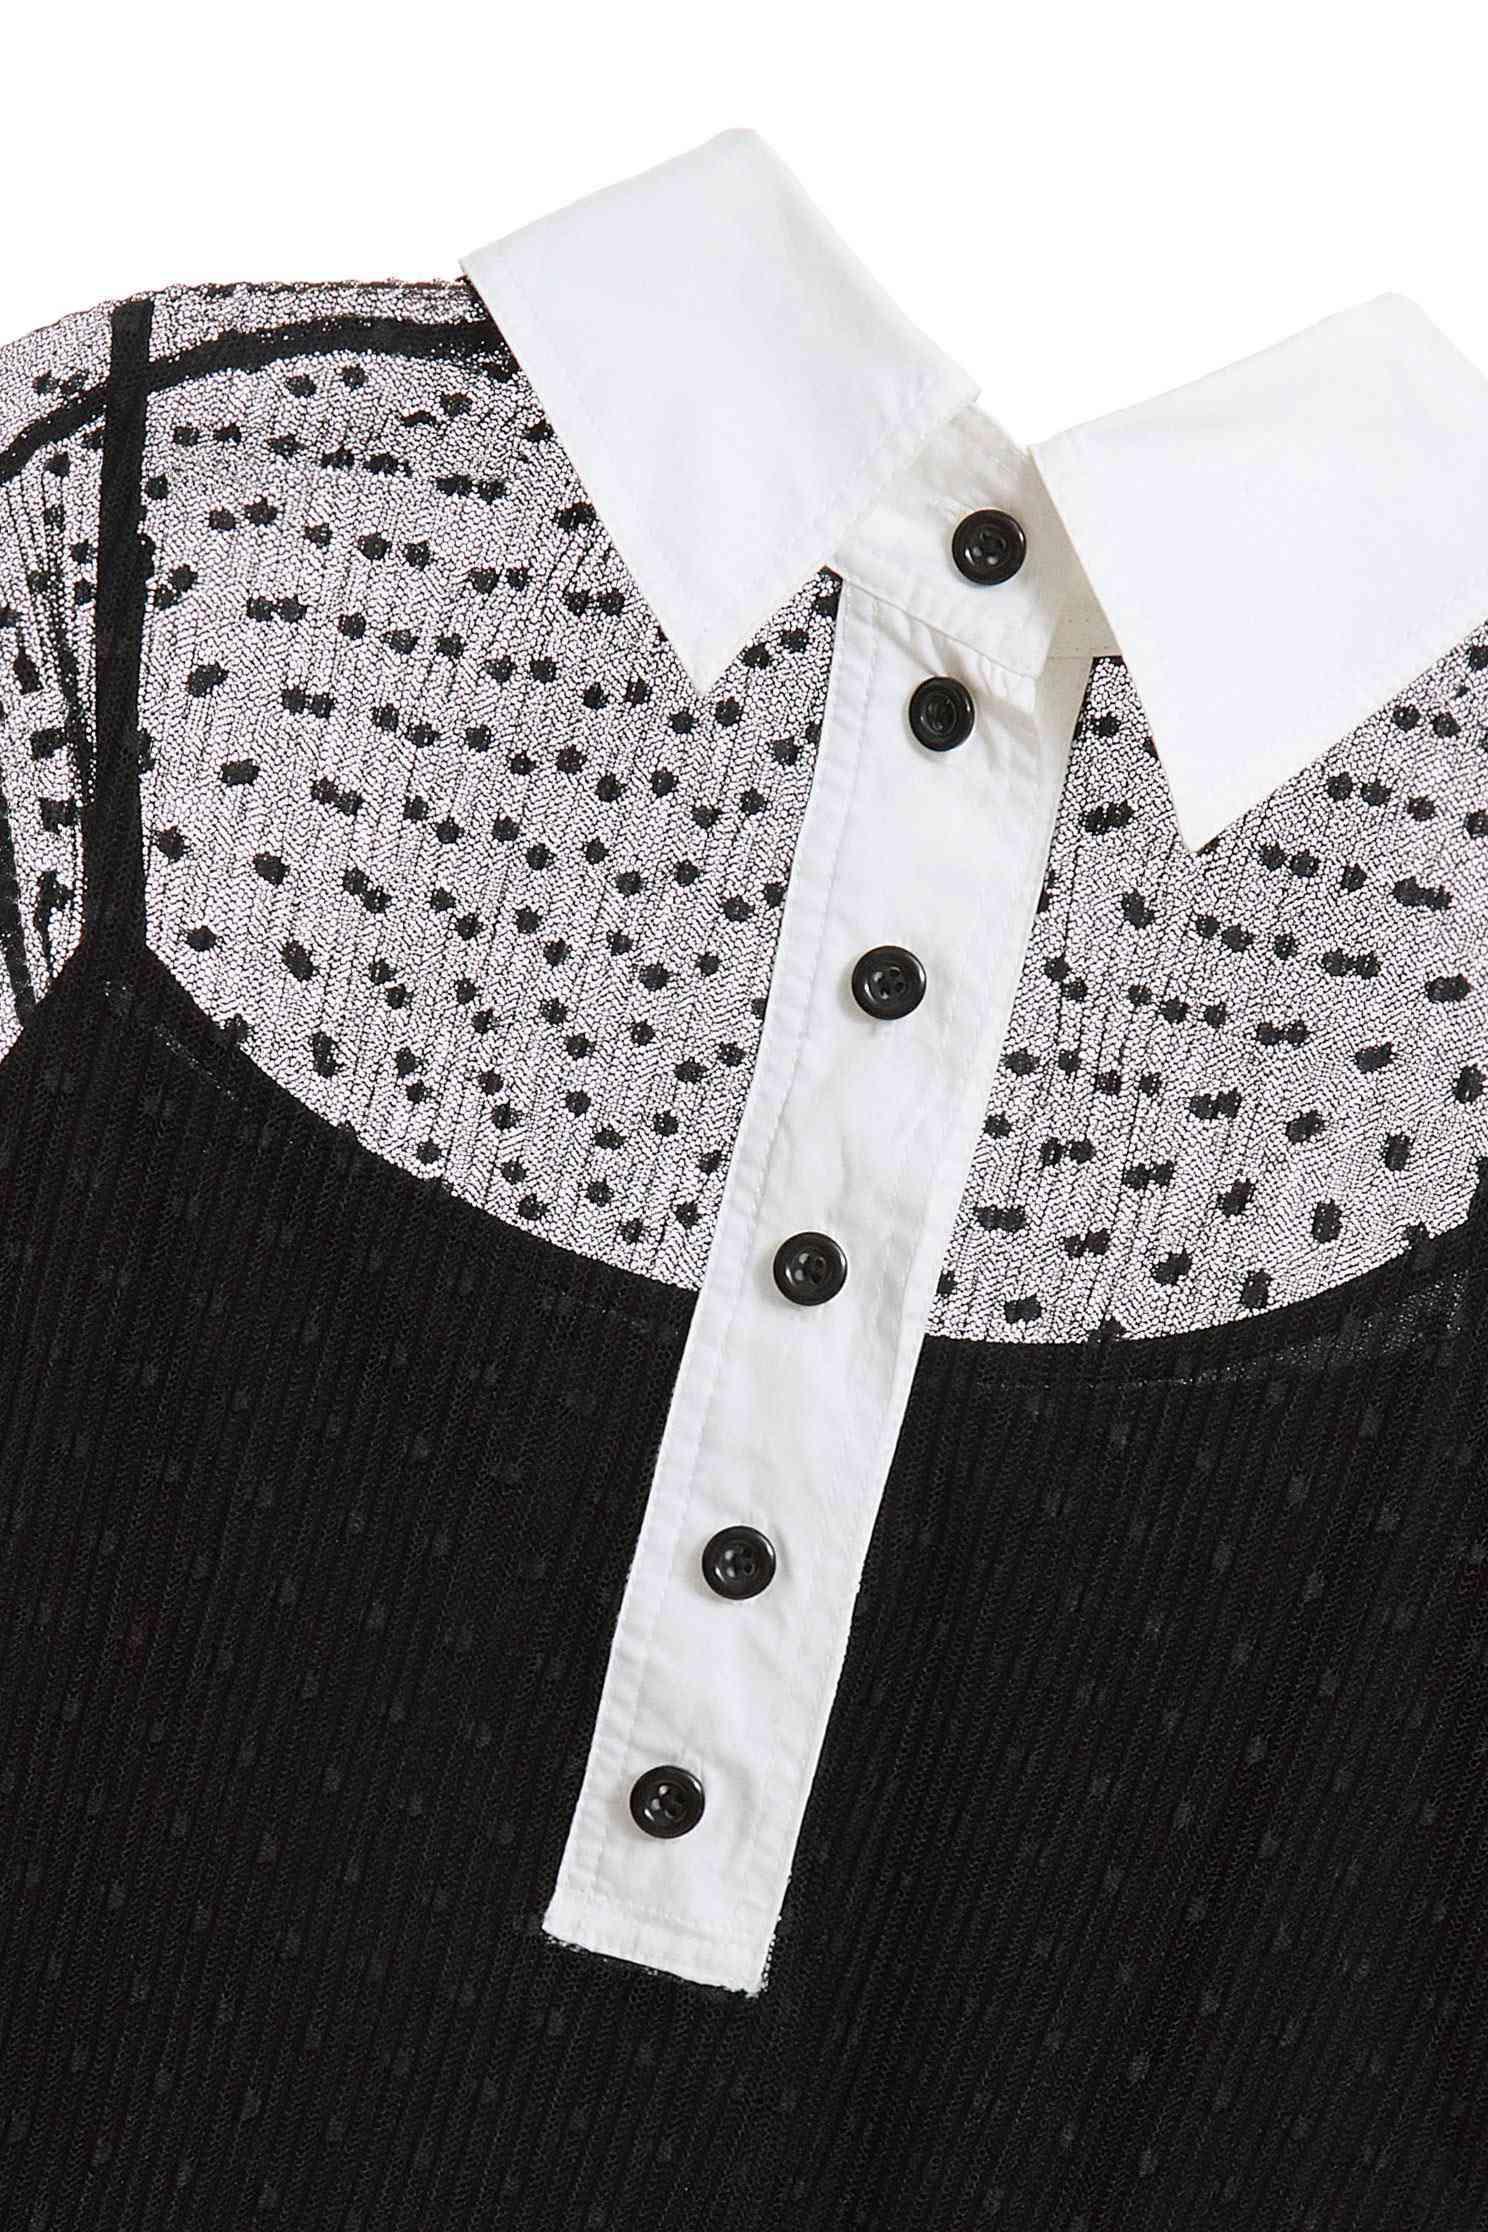 透膚襯衫式上衣,上衣,秋冬穿搭,襯衫,透膚上衣,長袖上衣,黑色上衣